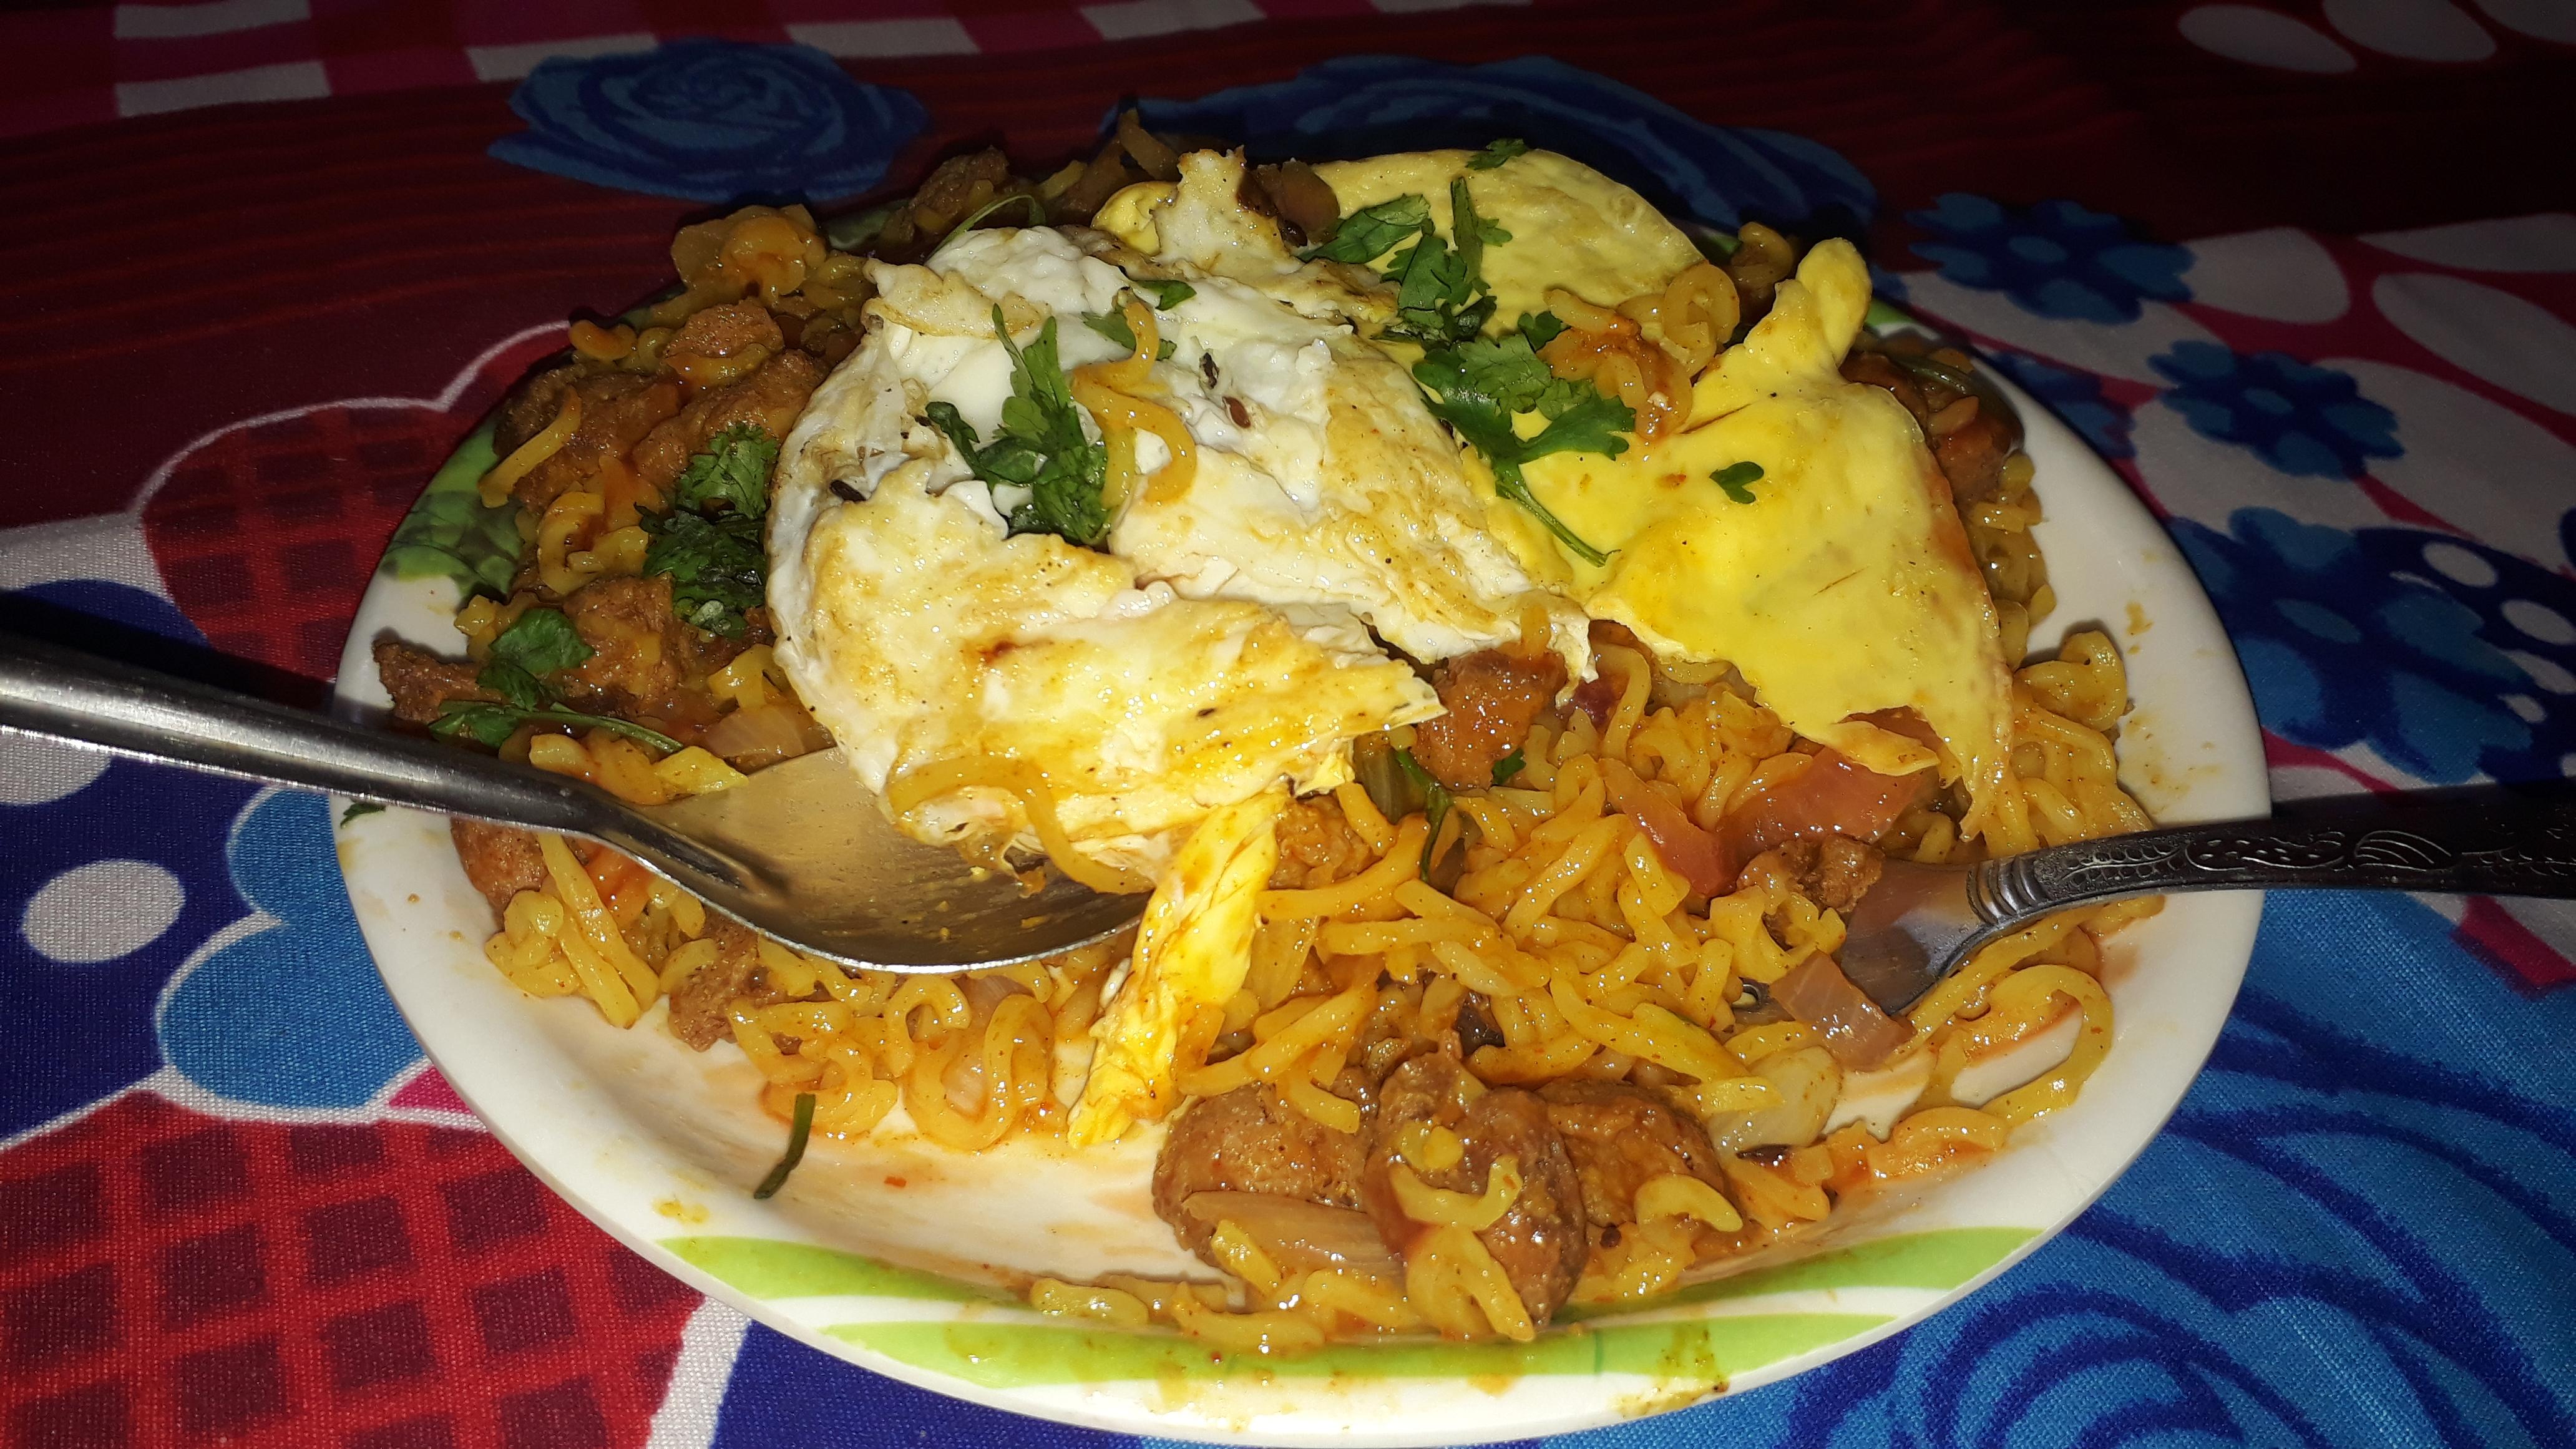 Omelette maggie